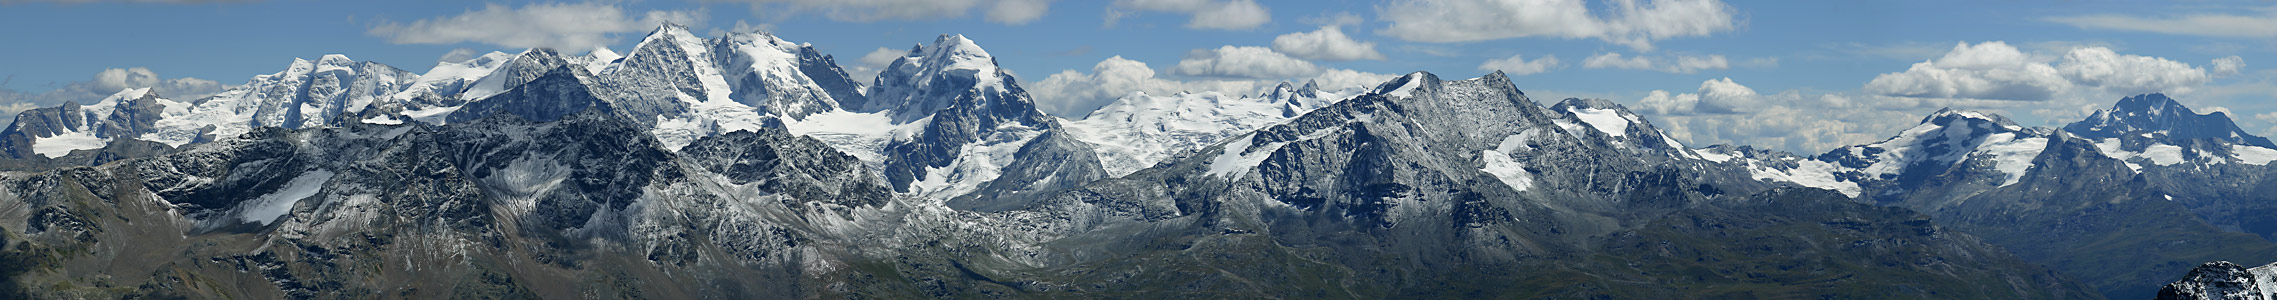 Berge und Gletscher der Bernina-Alpen